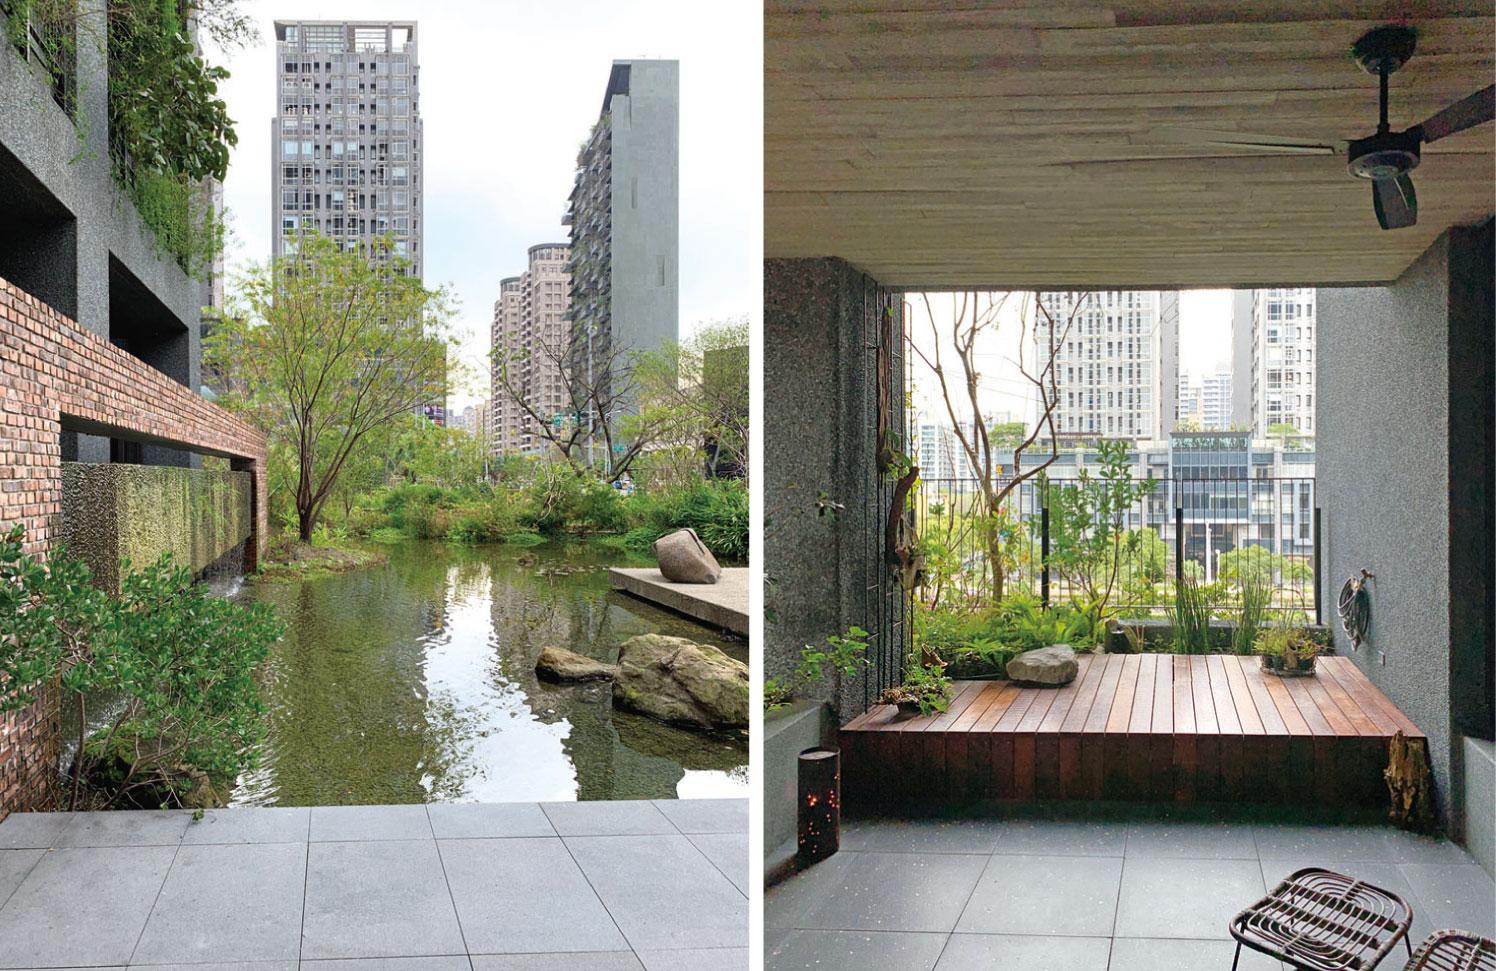 僕の好きな風景 第33回 緑を纏(まと)う都市の建築